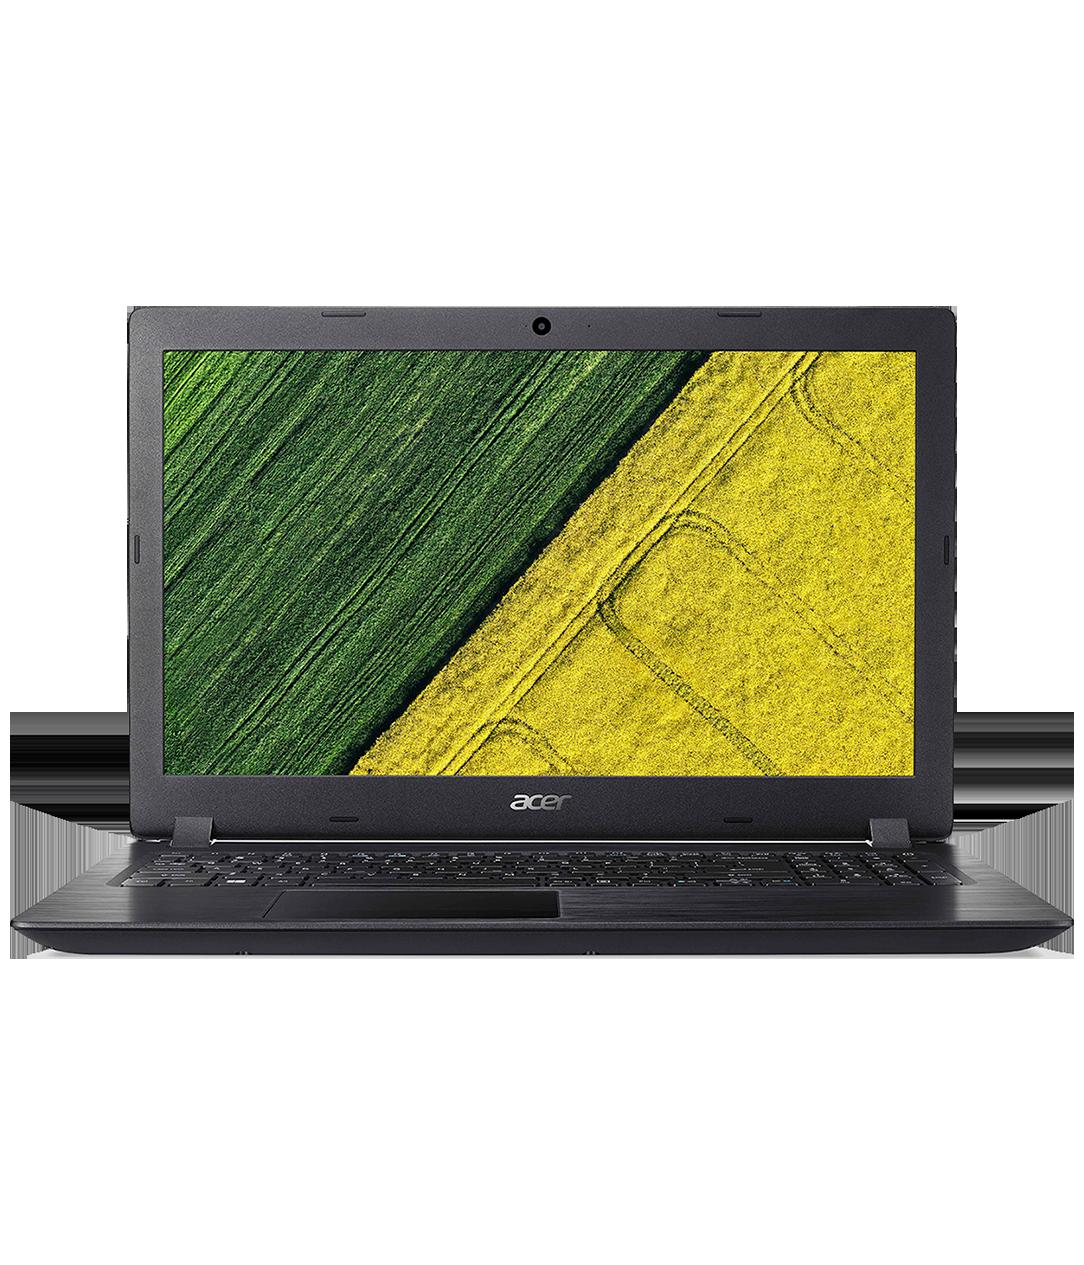 Acer Aspire A315-31 Pentium